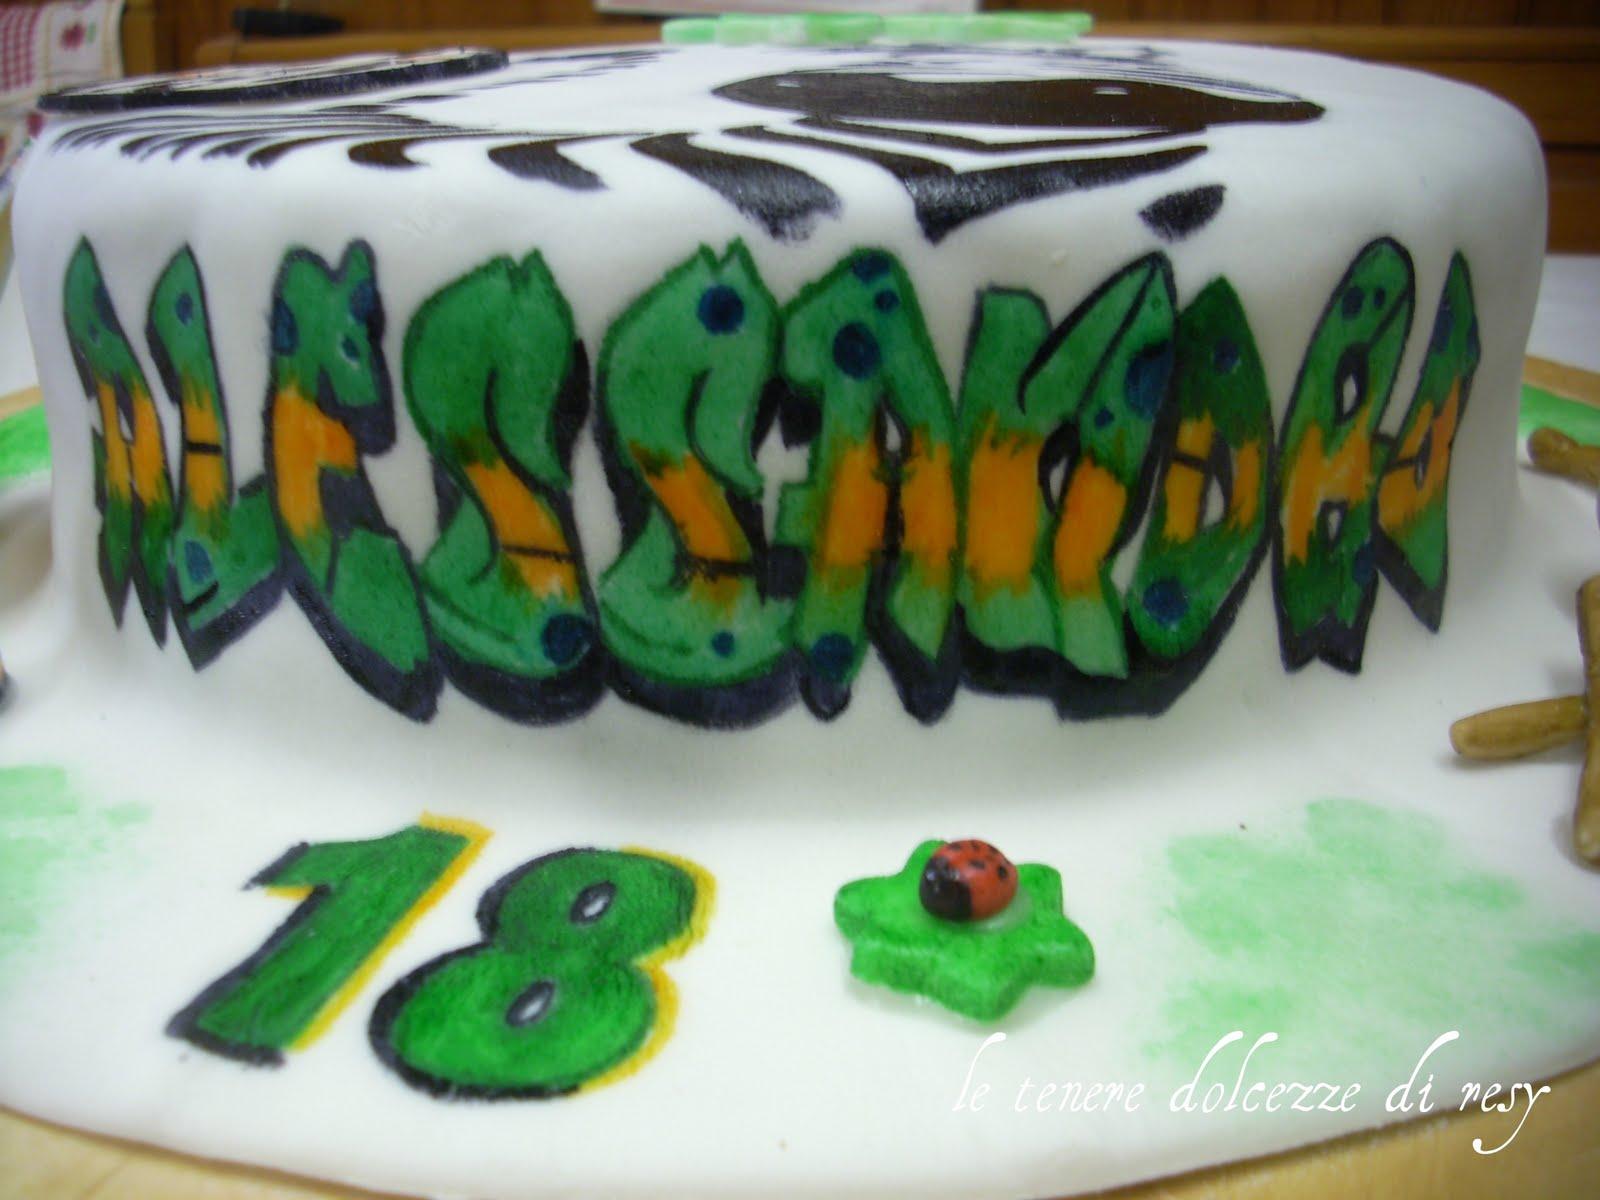 Le tenere dolcezze di resy 18 anni di alessandro con for Torte 18 anni ragazzo